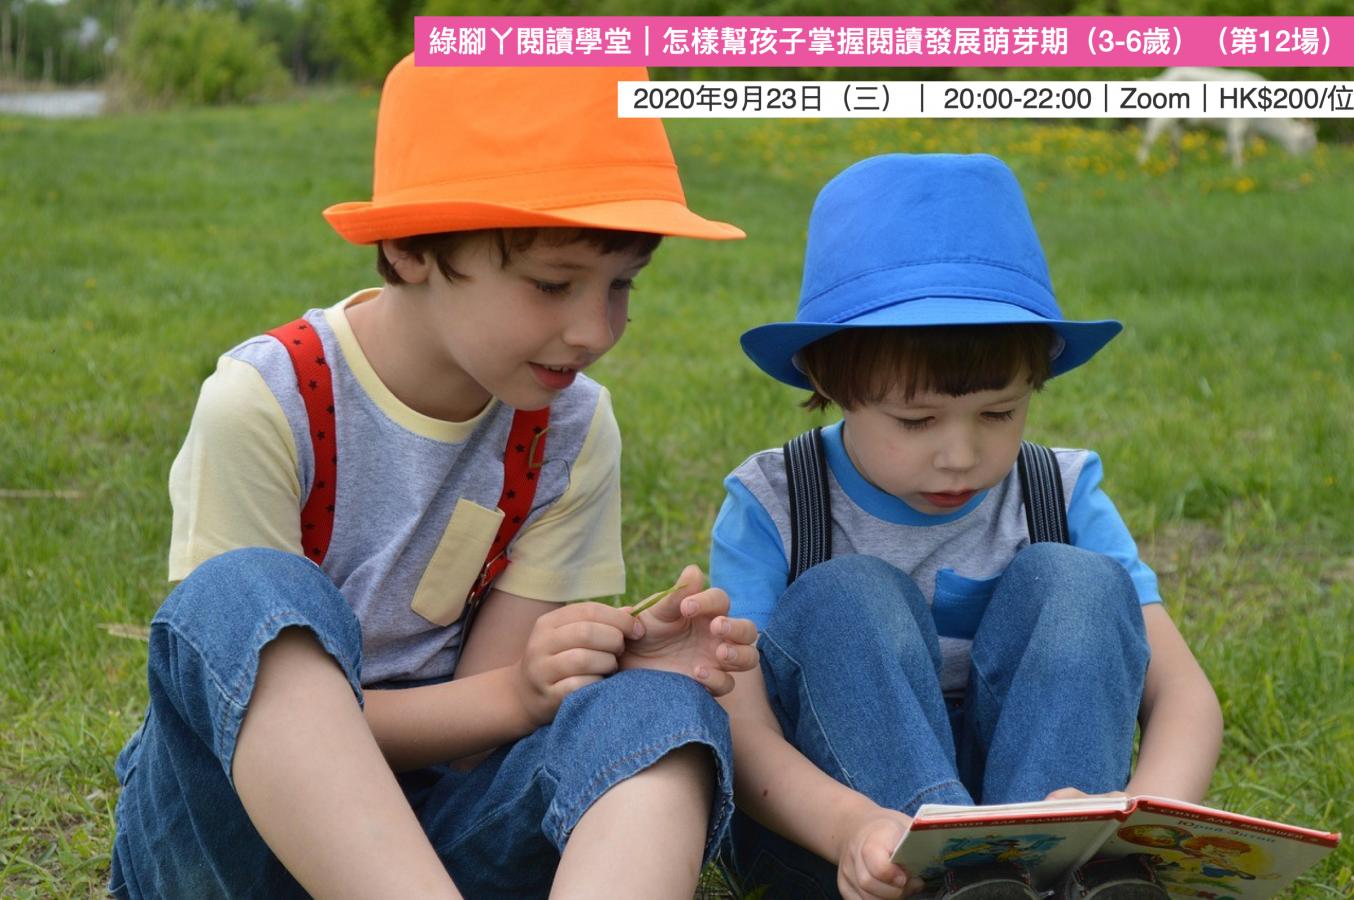 綠腳丫閱讀學堂|怎樣幫孩子掌握閱讀發展萌芽期(3-6歲)(第12場)